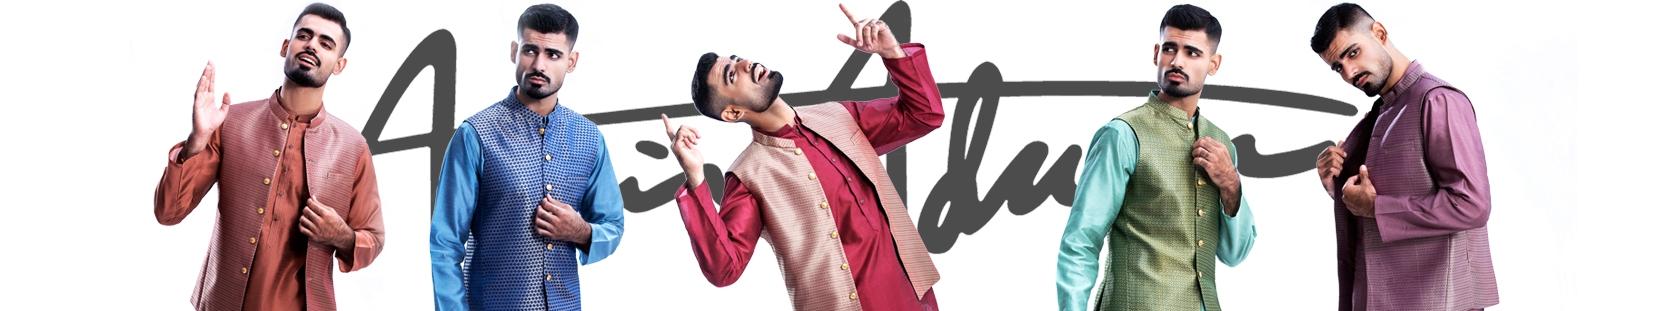 Amir Adnan WaistCoats dresses 2021